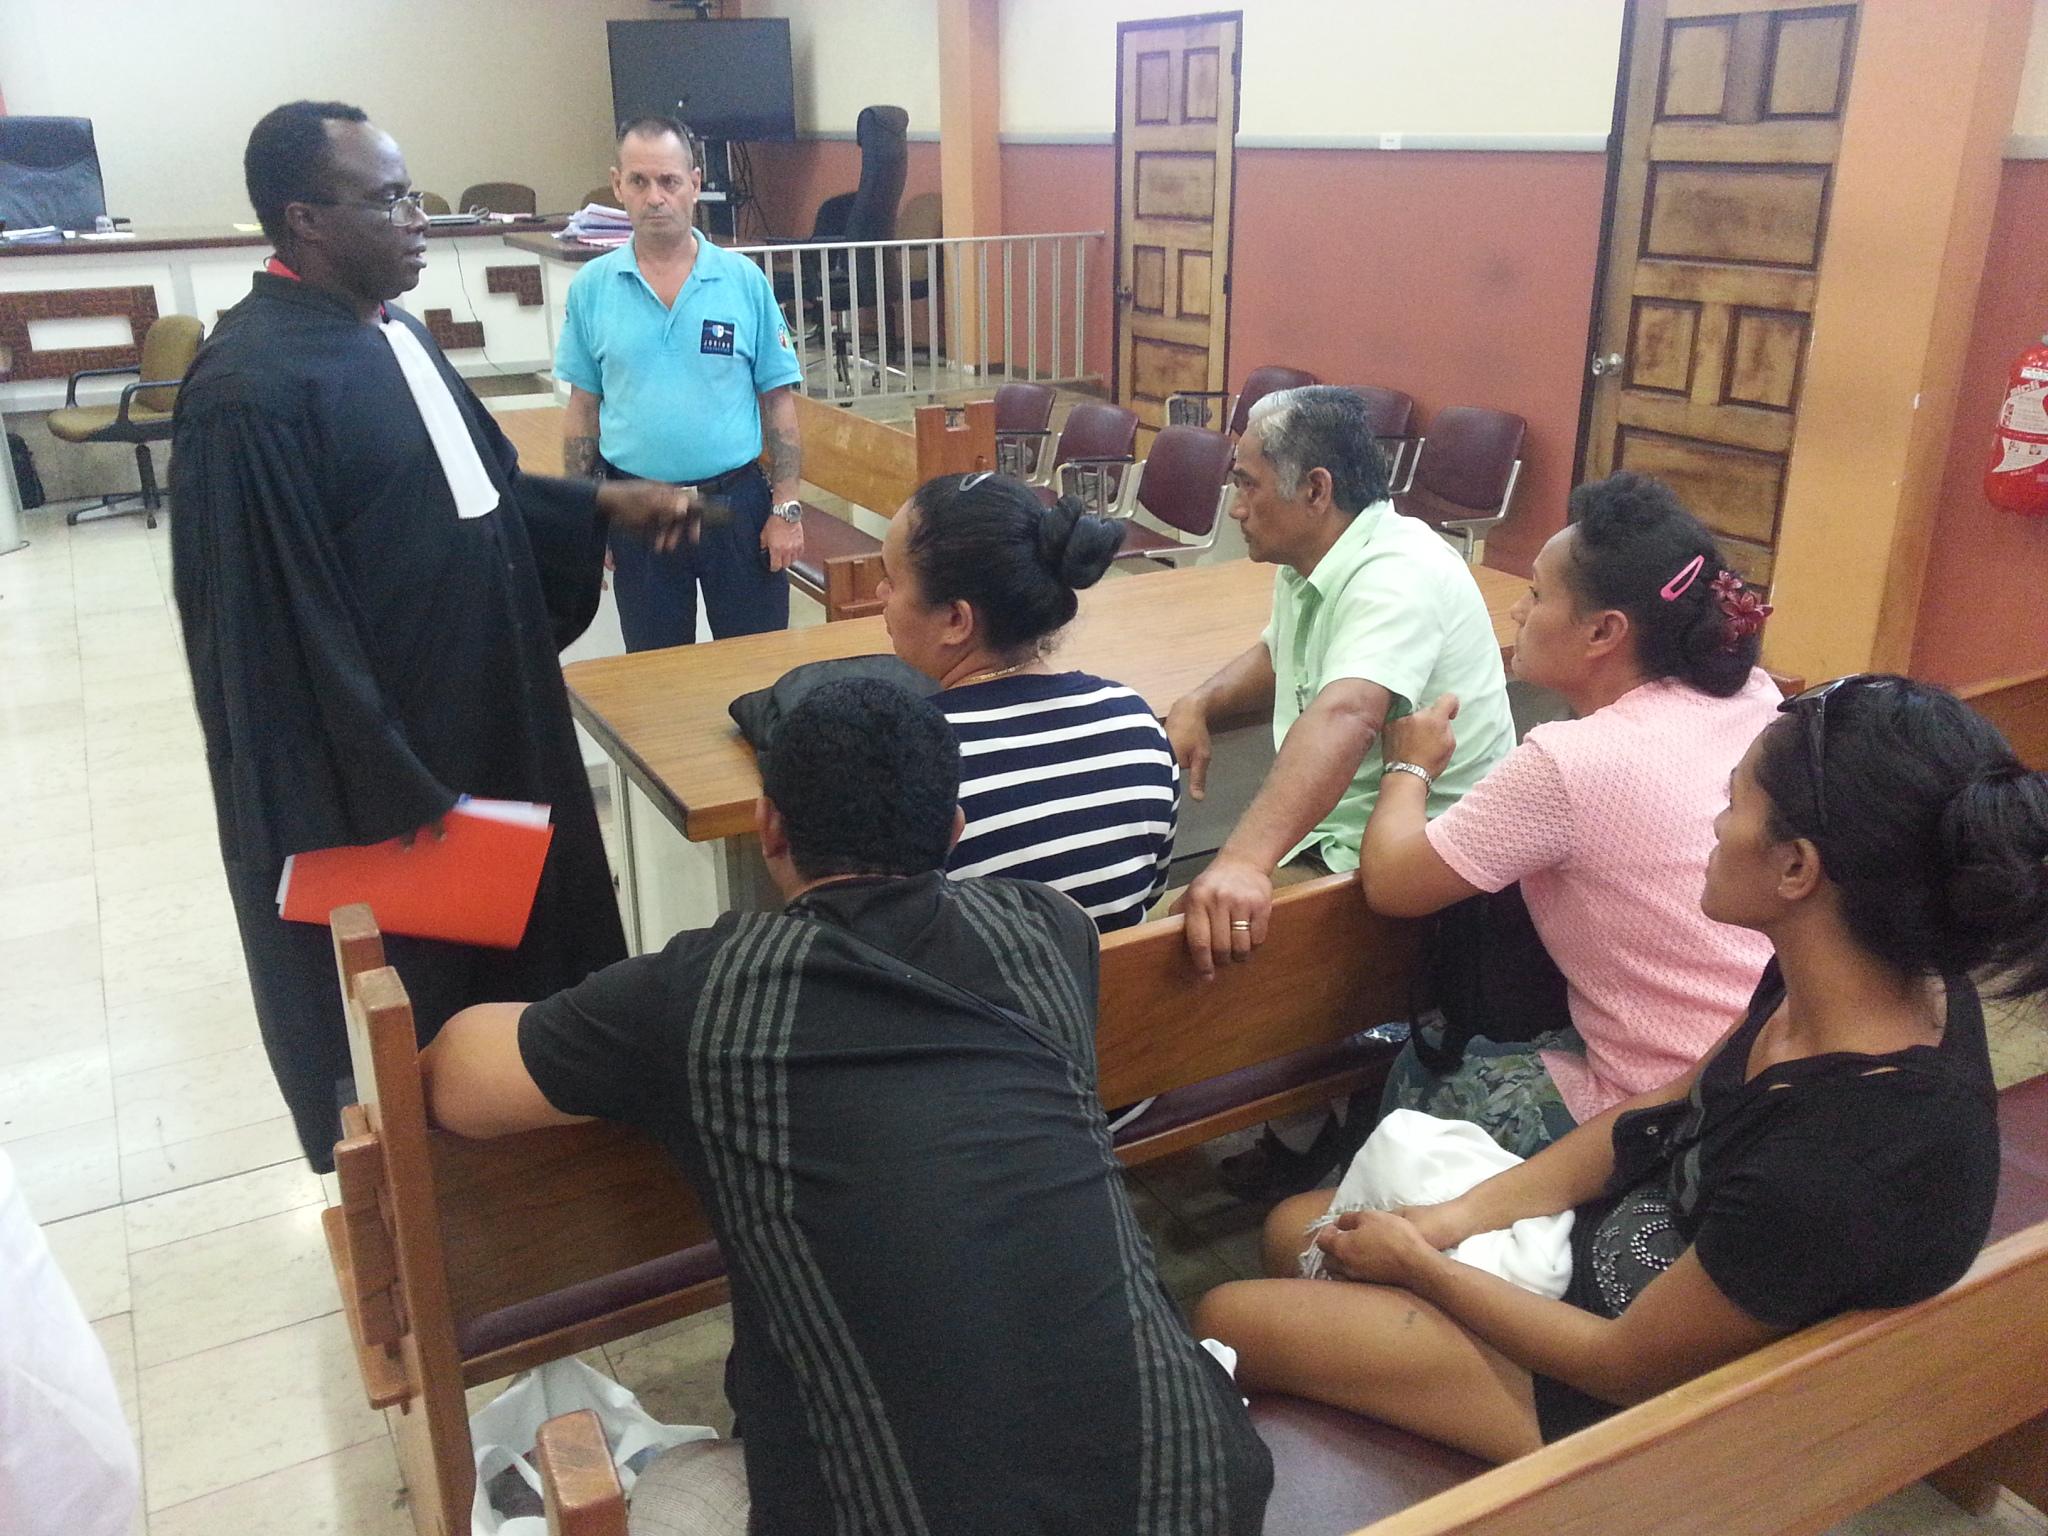 """""""Il a été jugé pleinement responsable de ses actes"""", a confié à Tahiti Infos l'avocat des parties civiles, Me Boumba, à la sortie de l'audience."""